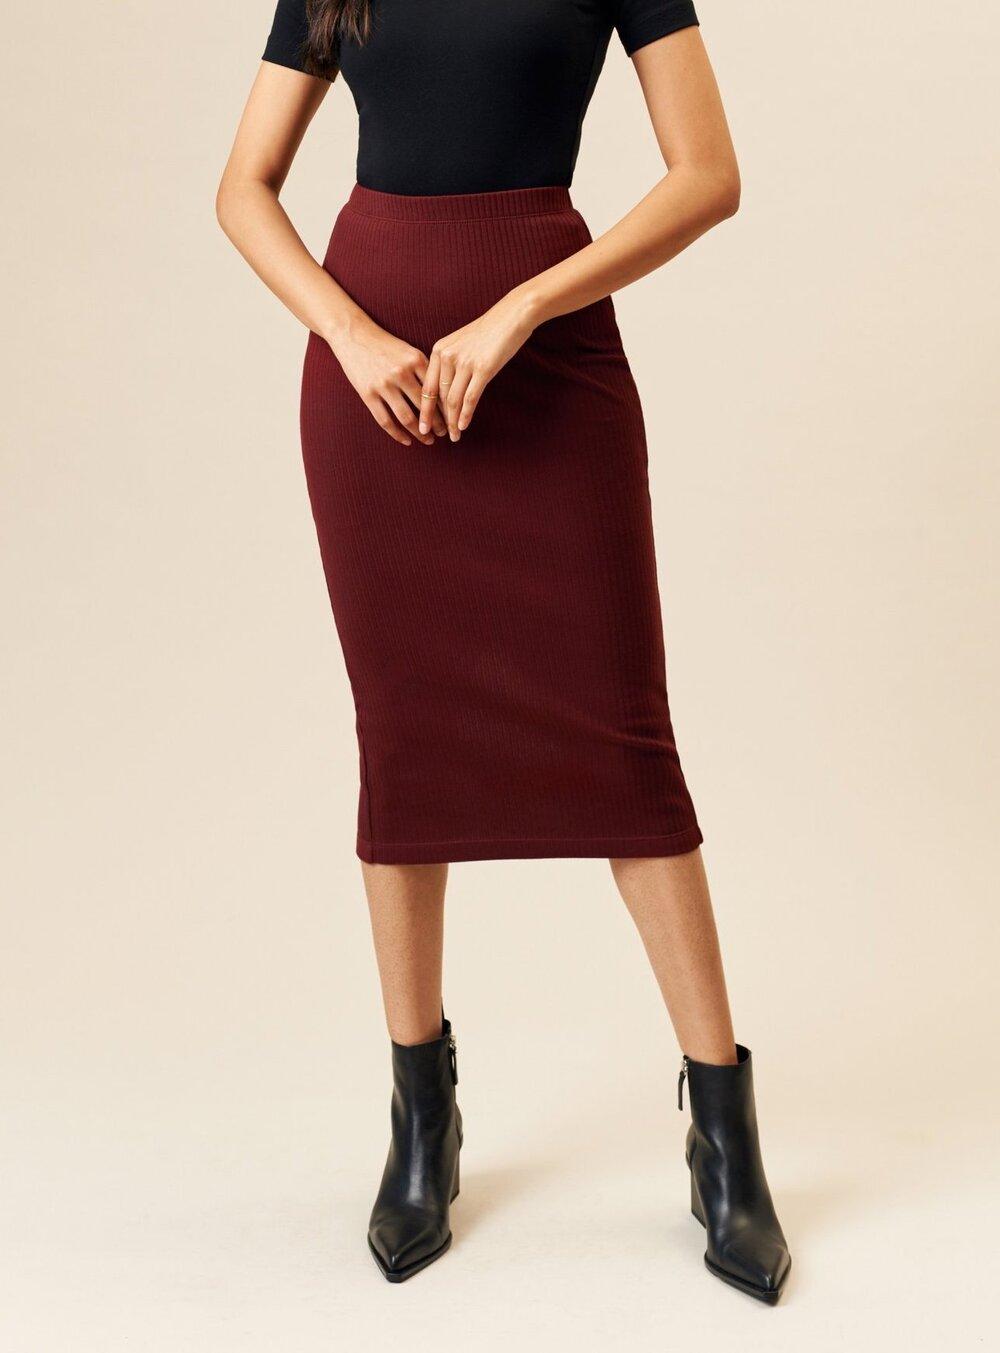 KOTN Ribbed Pencil Skirt